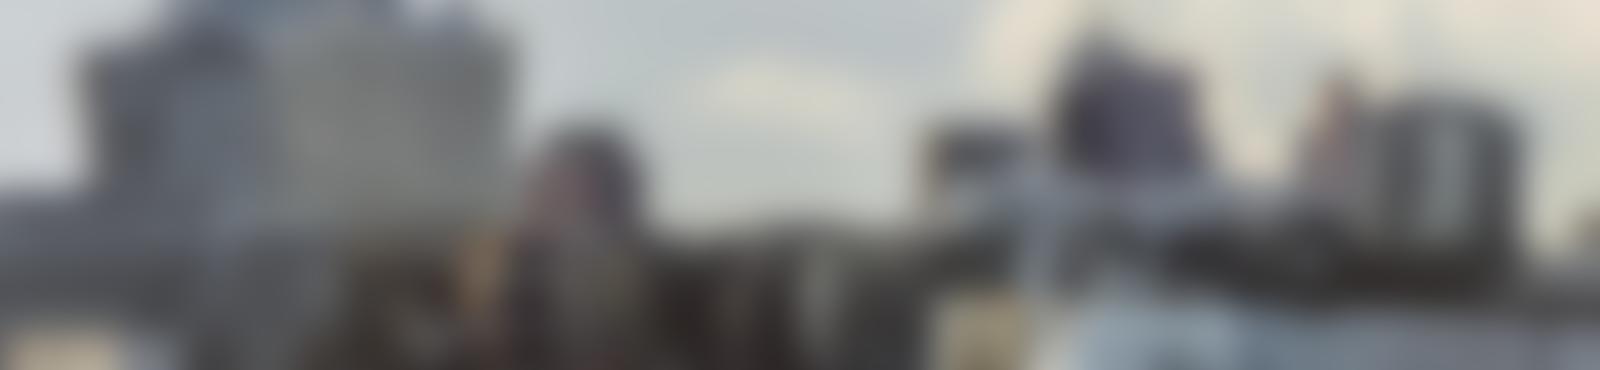 Blurred 71511616 a309 4178 a0e9 656311d65d01